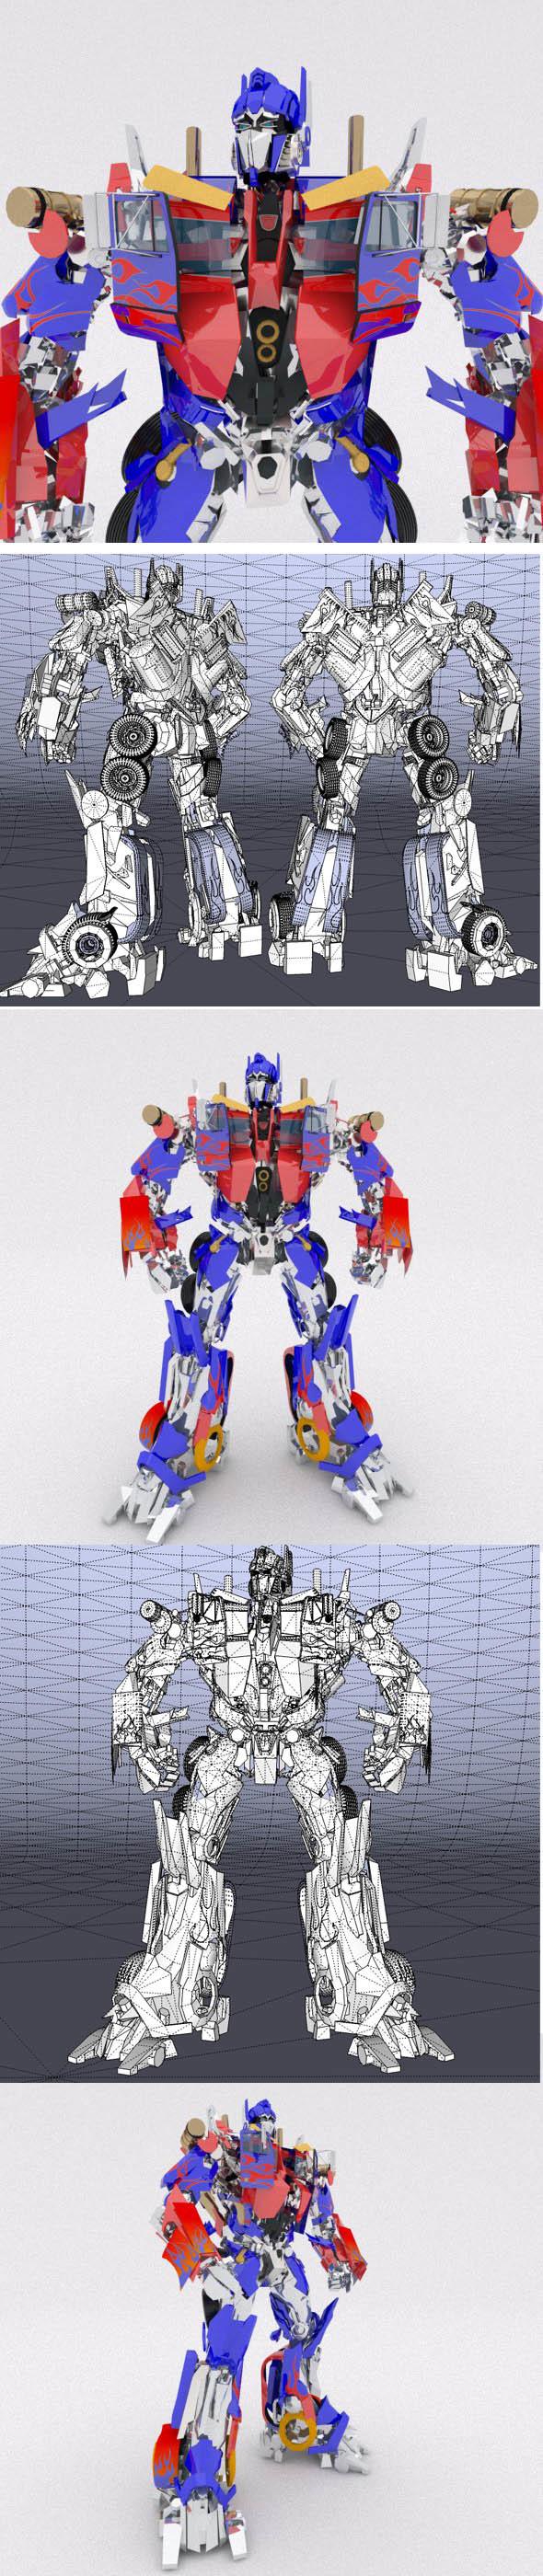 AUTOBOT LEADER Optimus Prime - 3DOcean Item for Sale